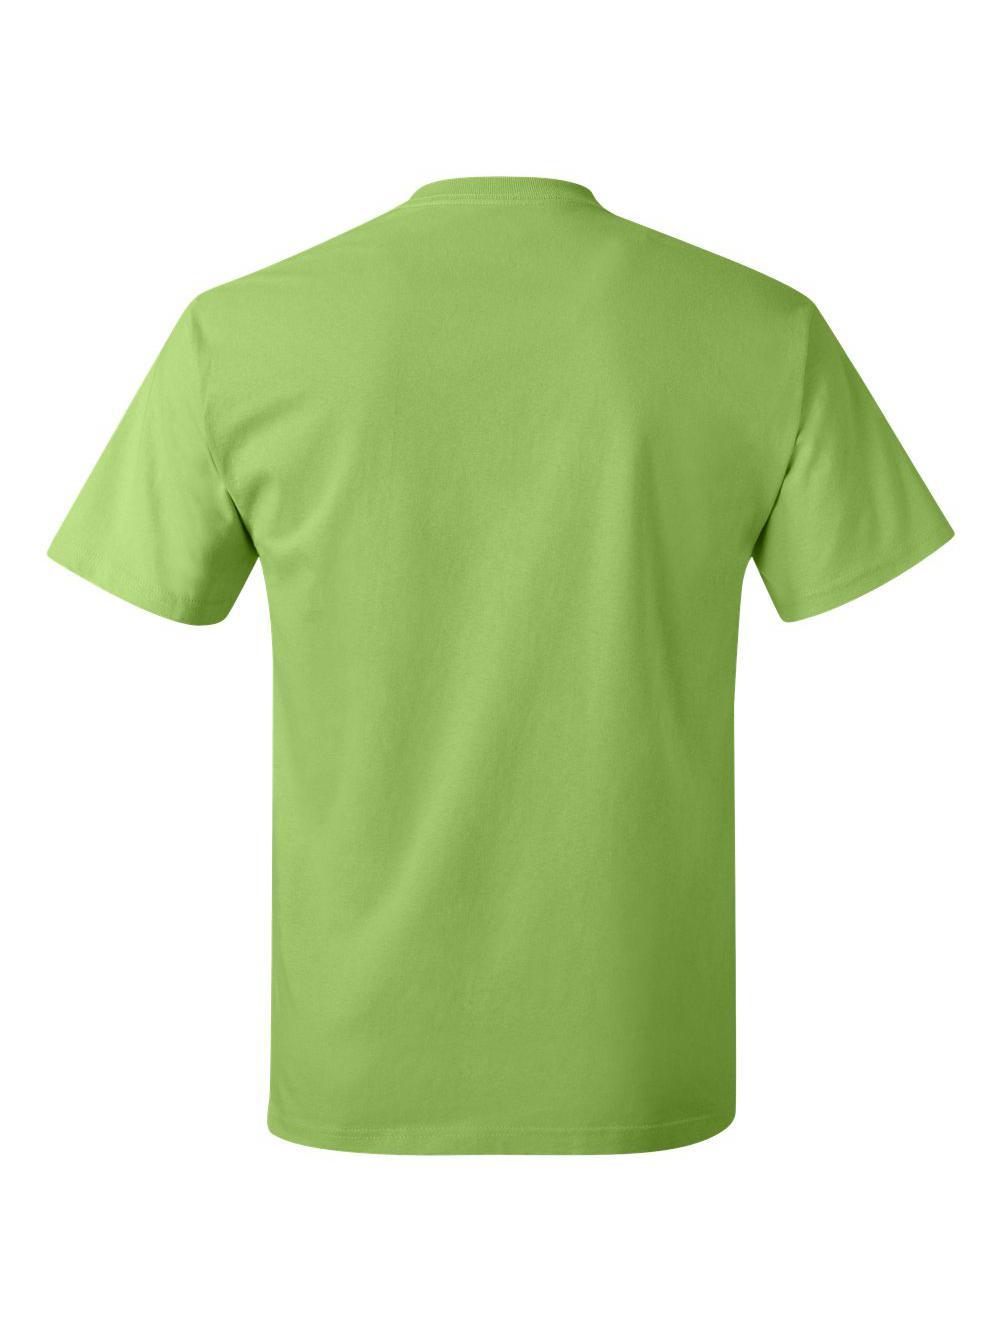 Hanes-Tagless-T-Shirt-5250 thumbnail 70